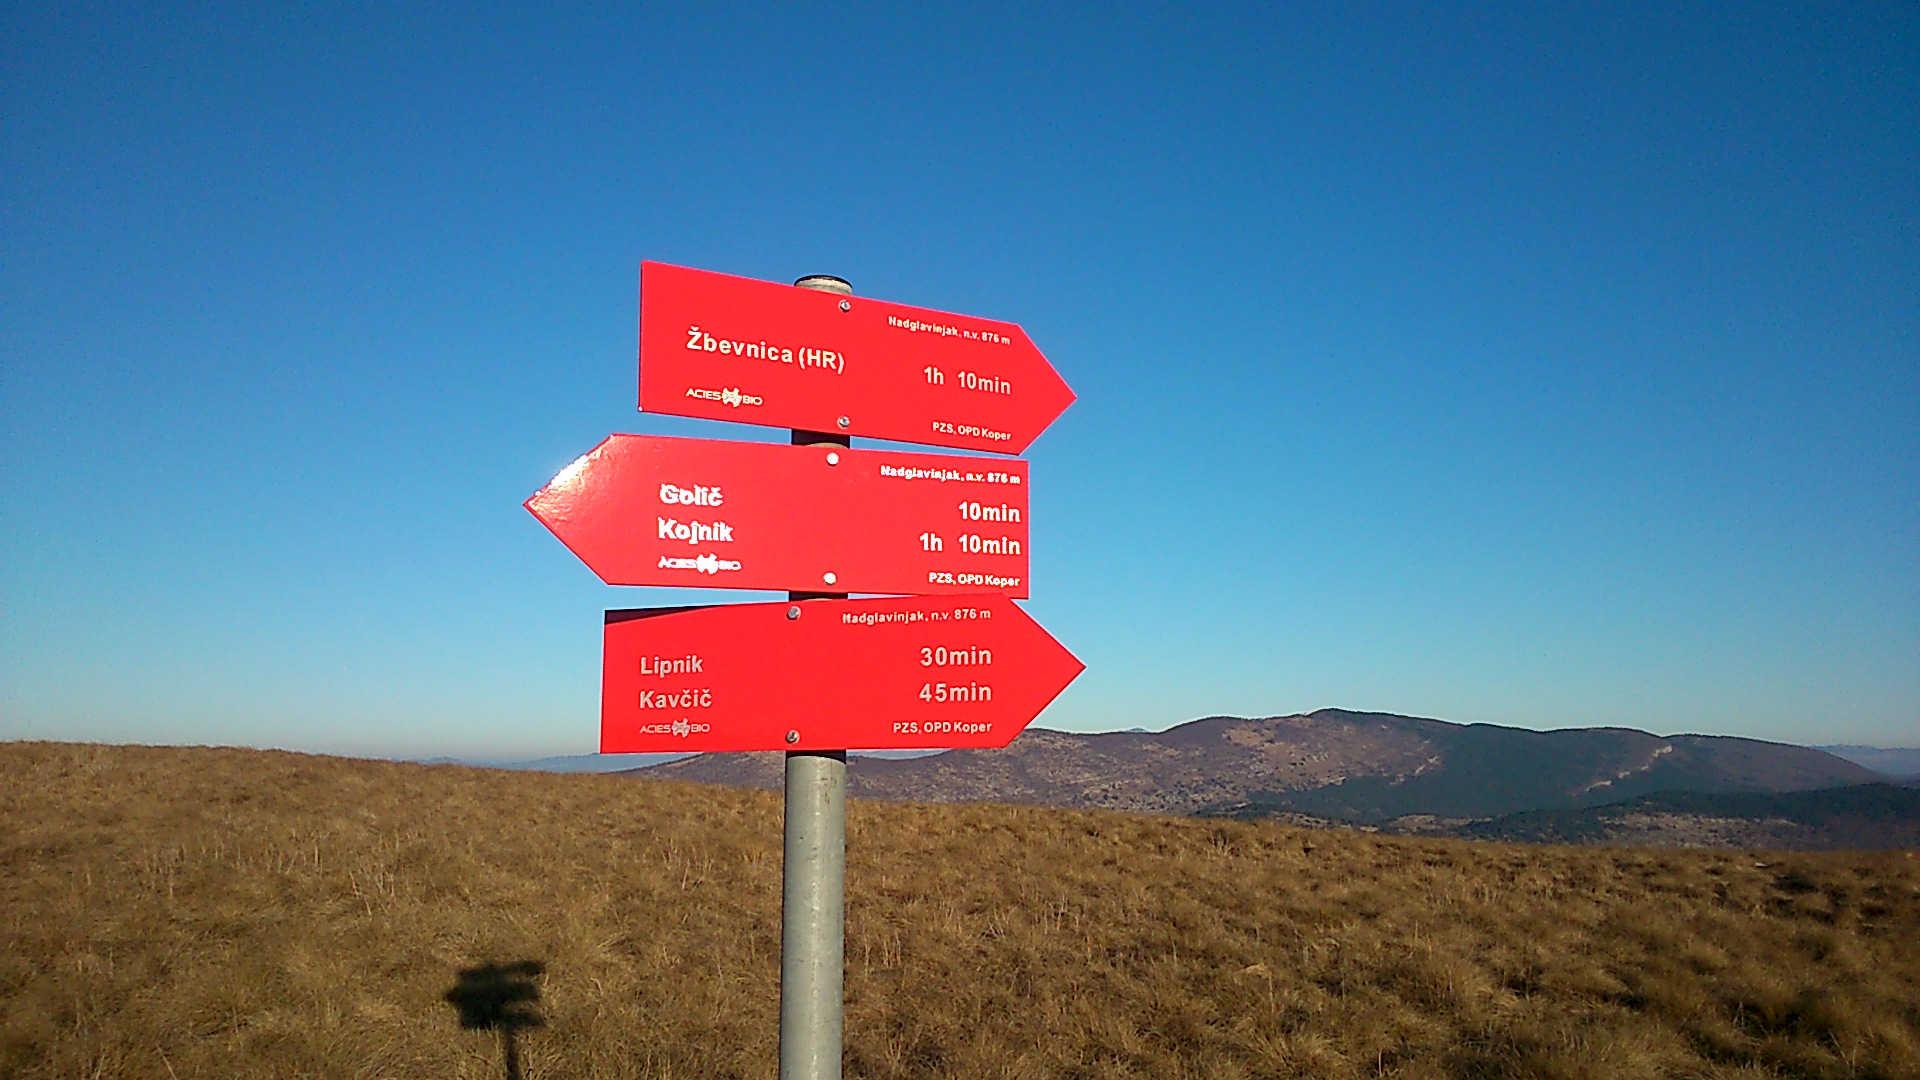 Wanderzeichen an der Grenze zwischen Slowenien und Kroatien